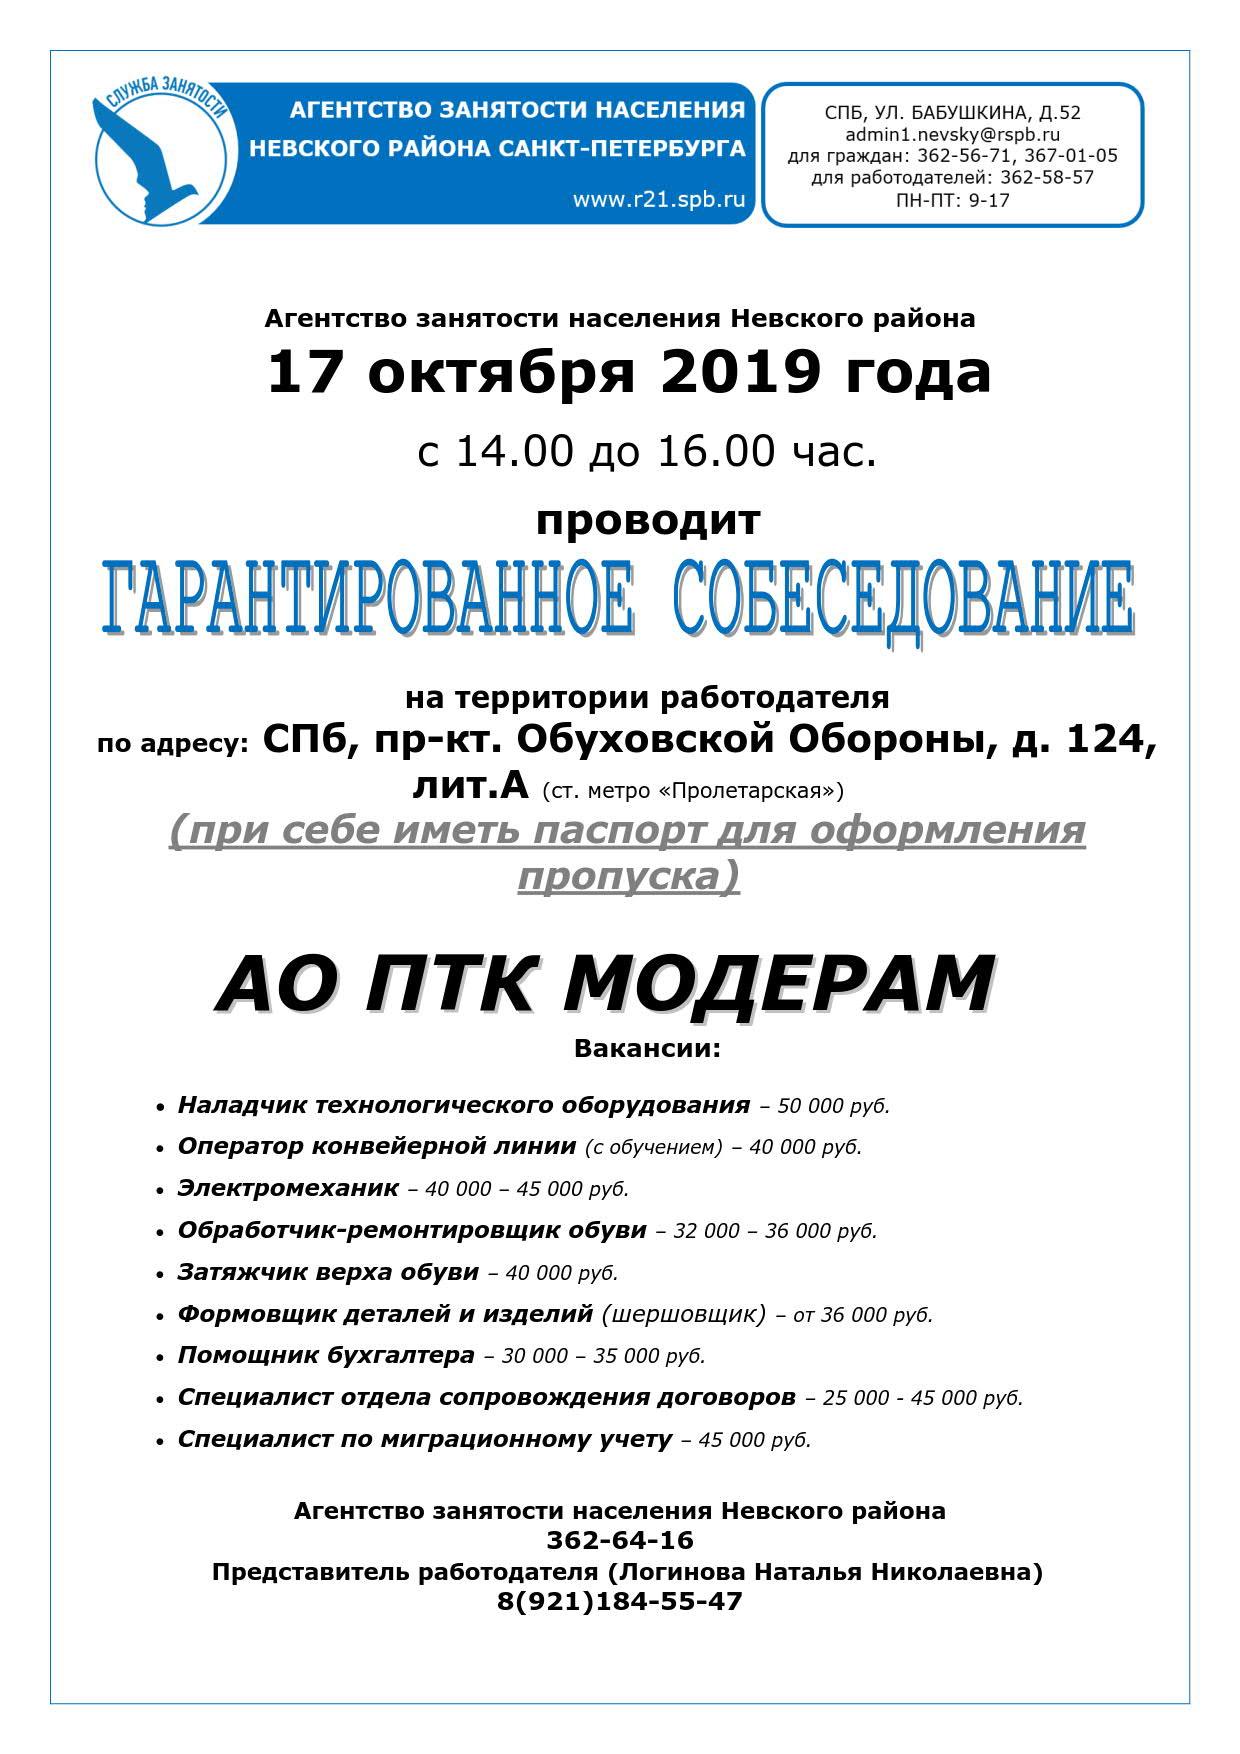 объявление ГС 17.10.2019_1